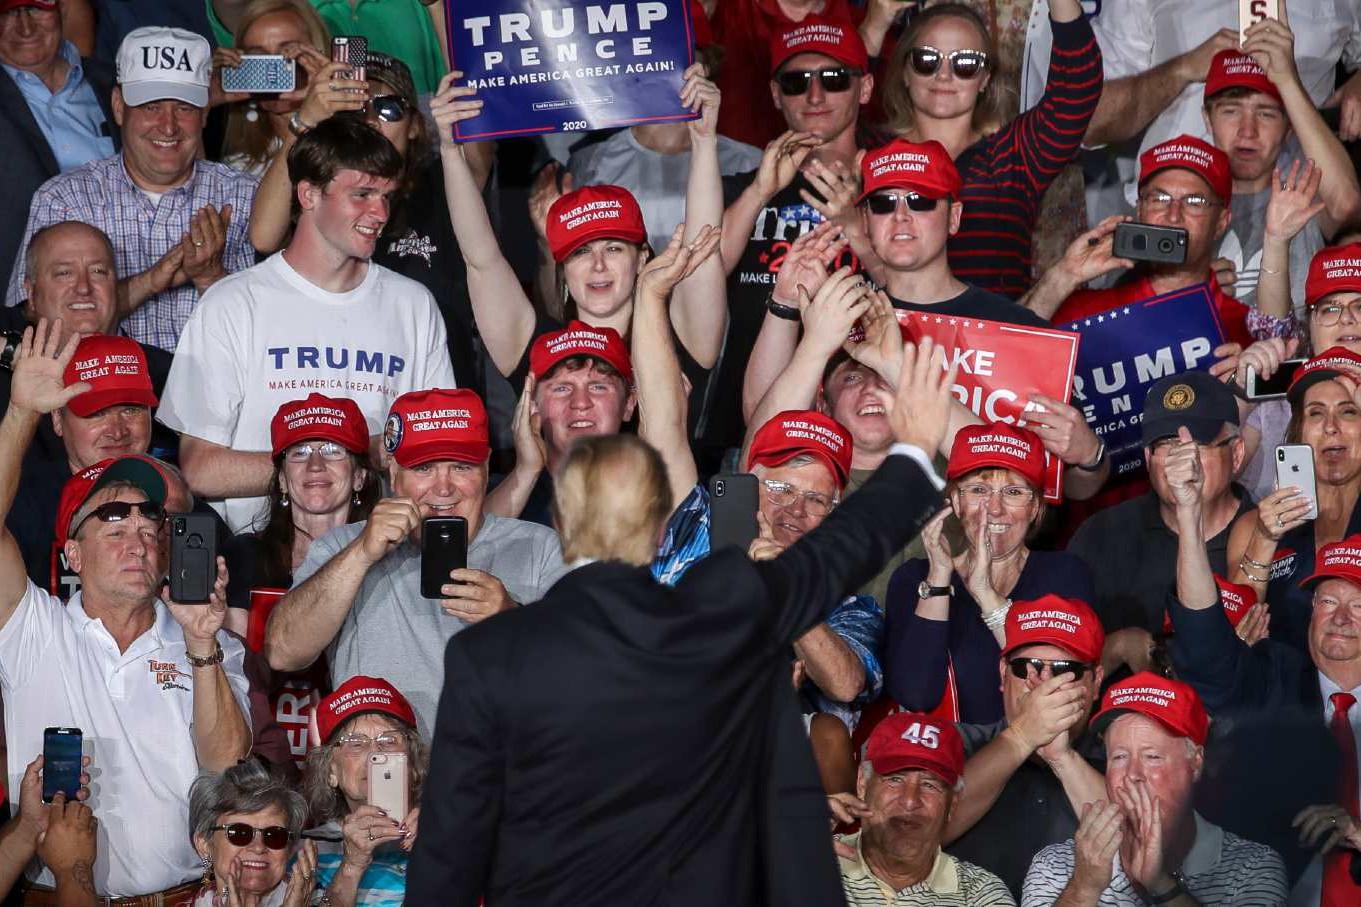 Доналд Трамп поздравља своје присталице на митингу у Пенсилванији, мај 2019. (Фото: Drew Angerer/Getty Images)